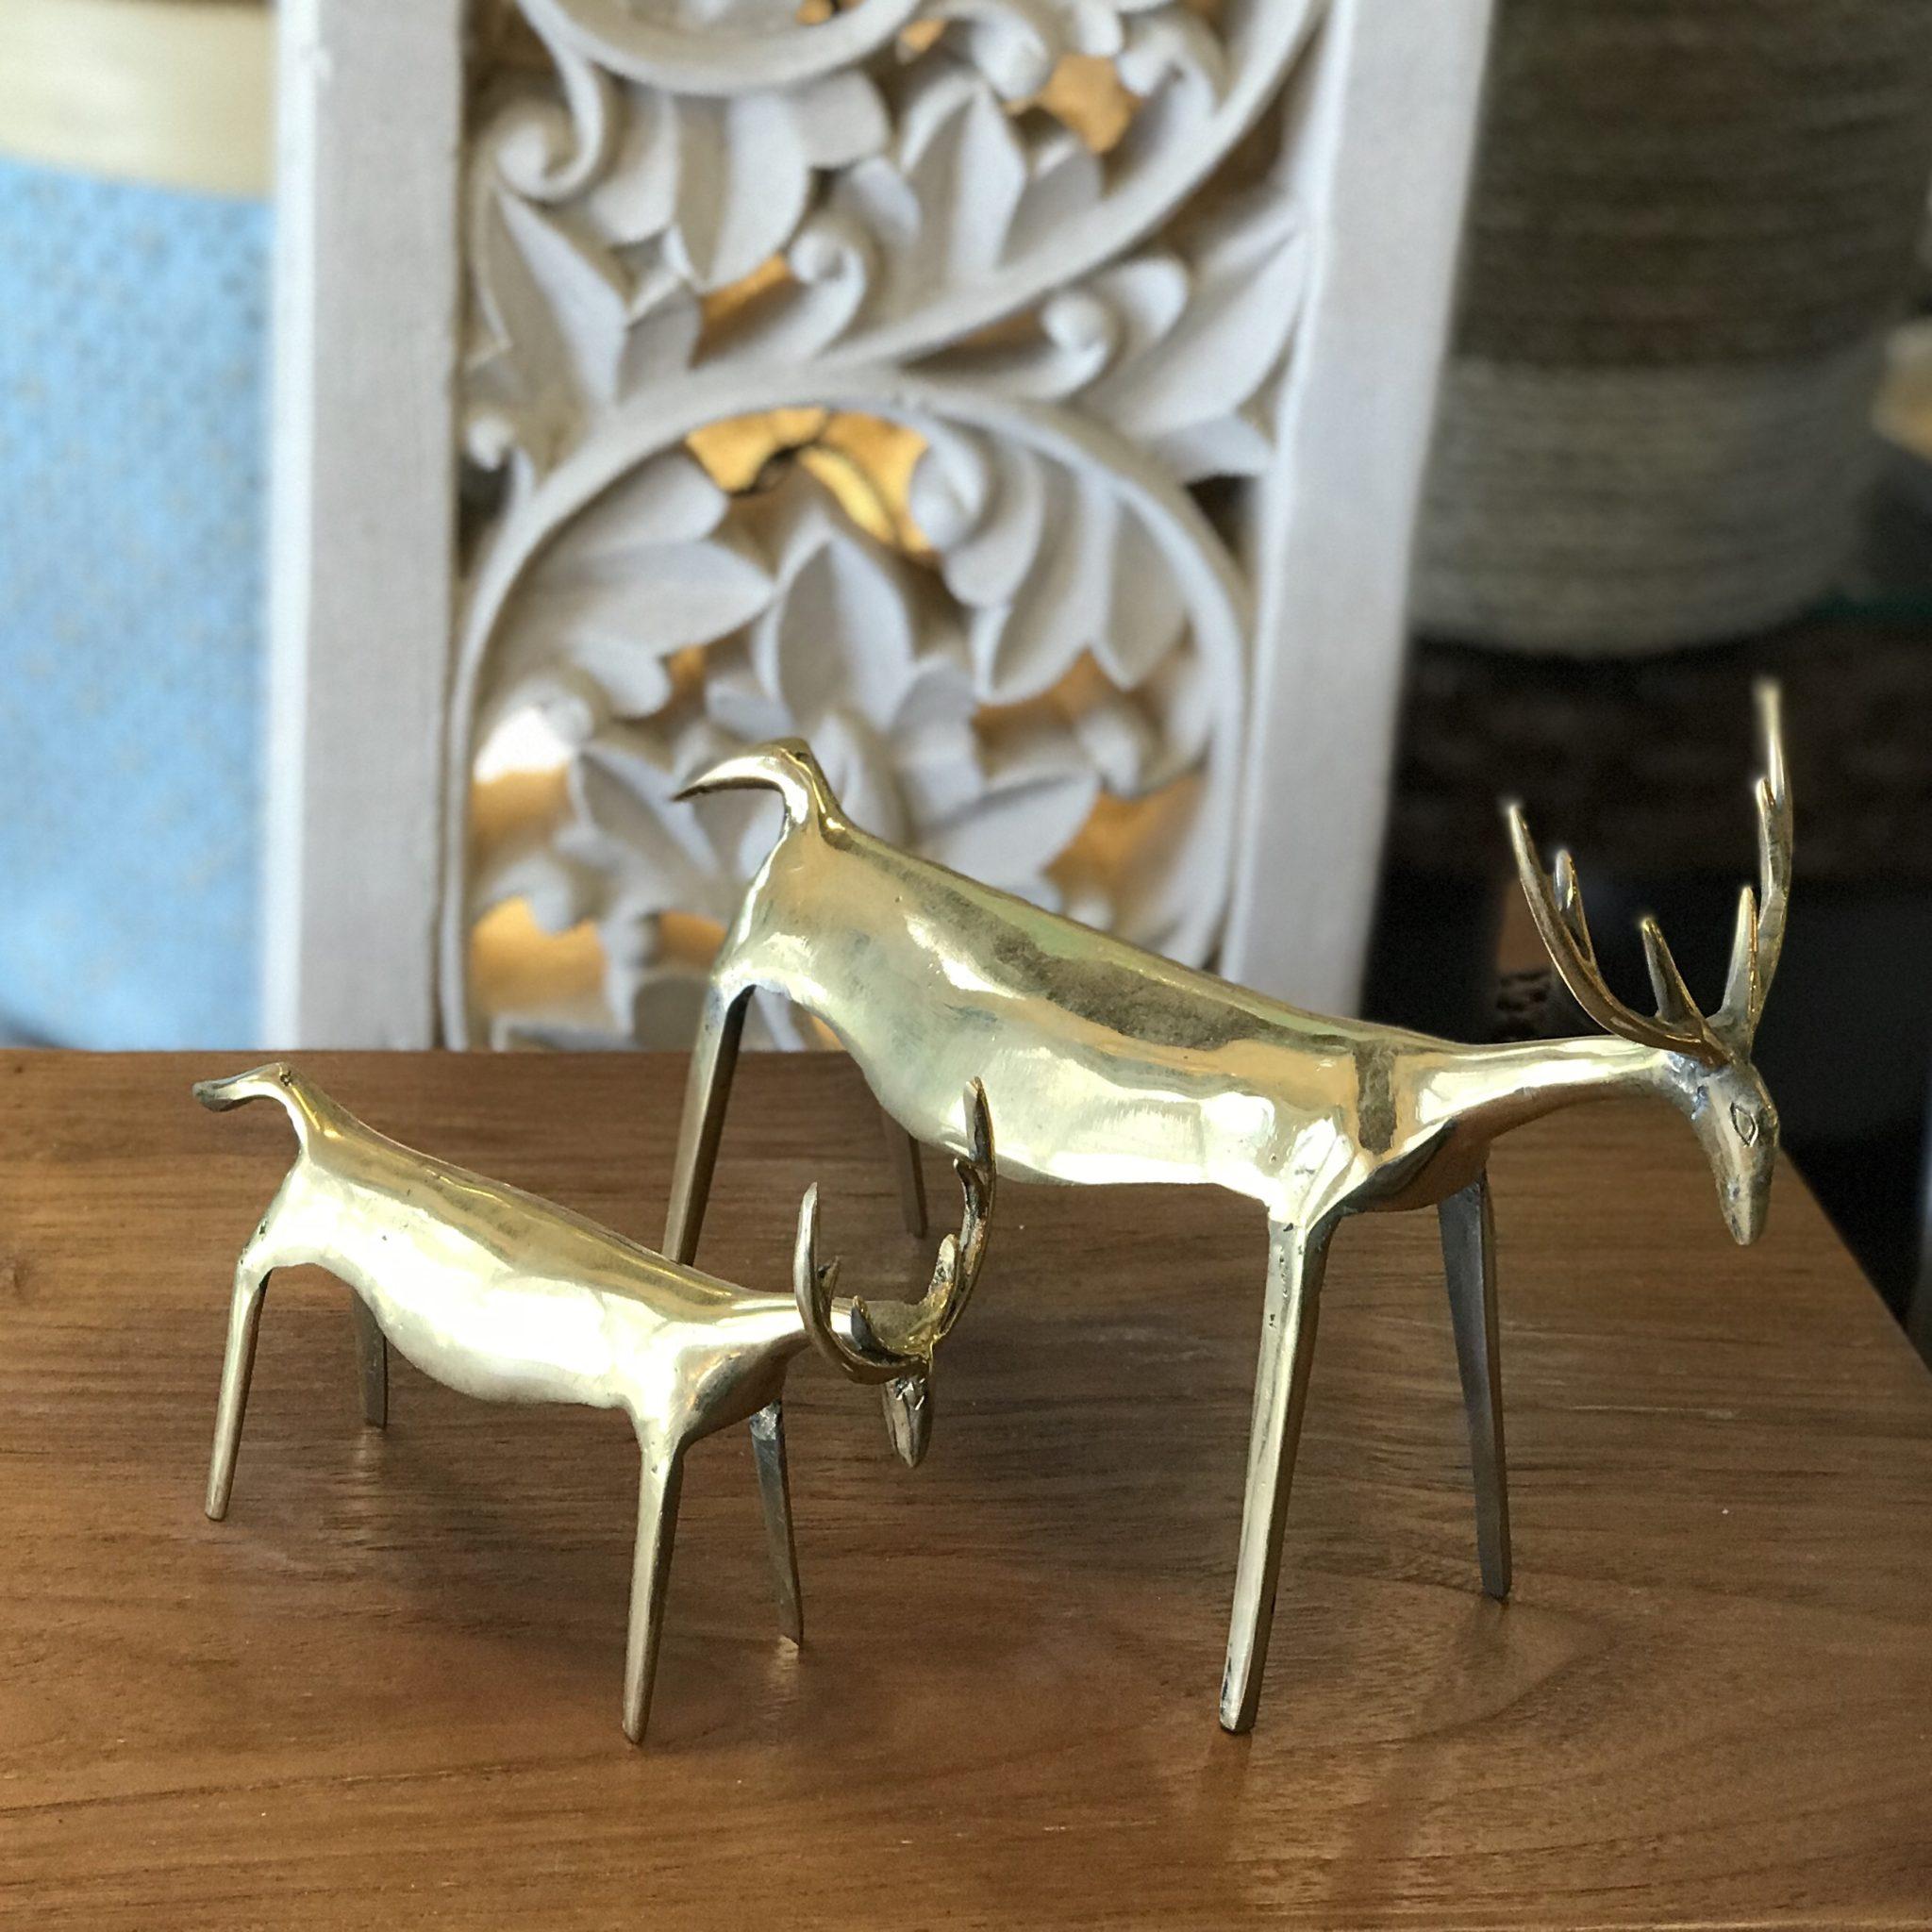 鹿のオブジェ/キジャンのオブジェ/バリ島雑貨